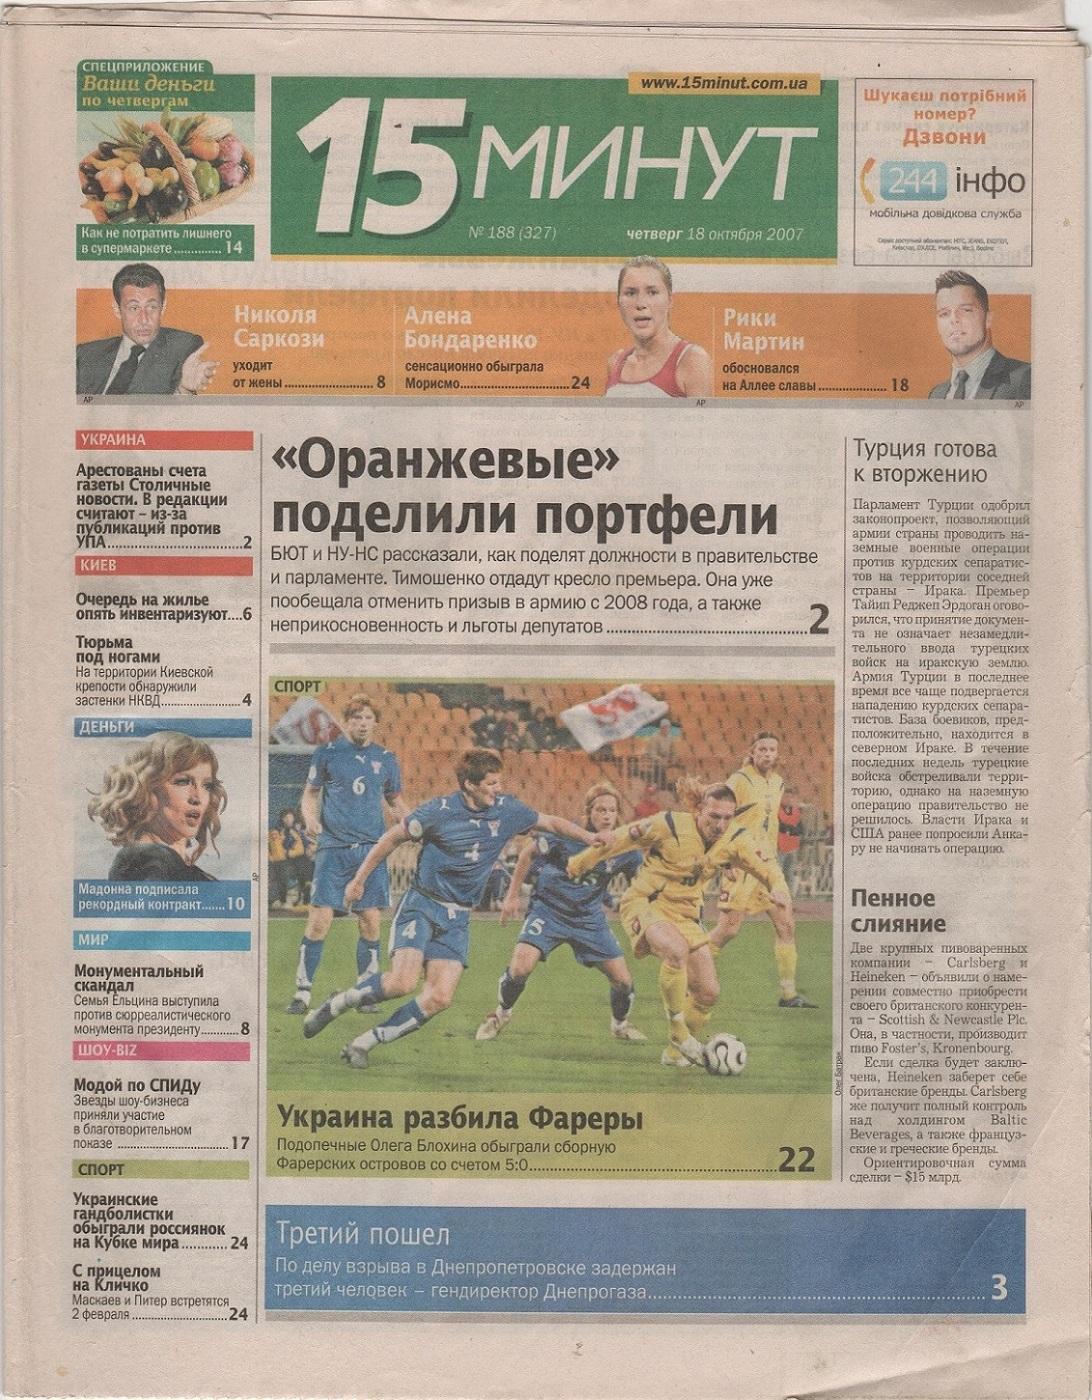 """Газети. Газета """"15 минут"""" № 188 (327), від 18 жовтня, 2007 року"""